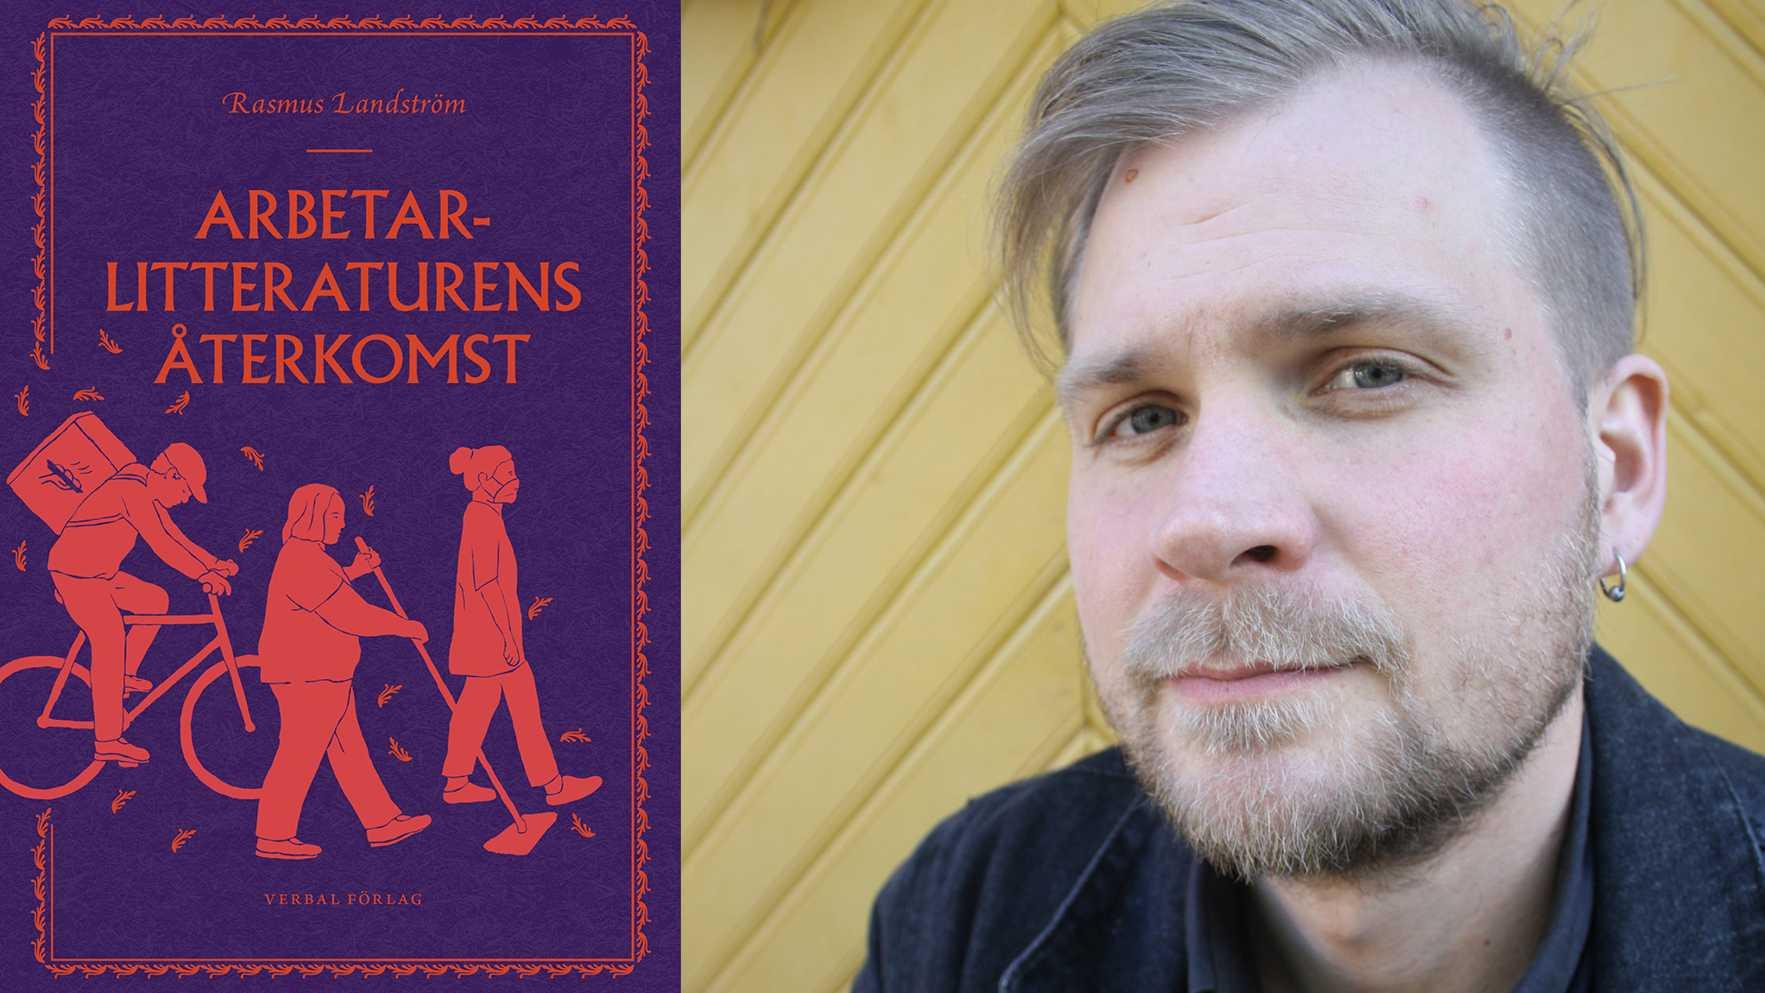 """Rasmus Landström är litteraturkritiker och debuterar med """"Arbetarlitteraturens återkomst""""."""